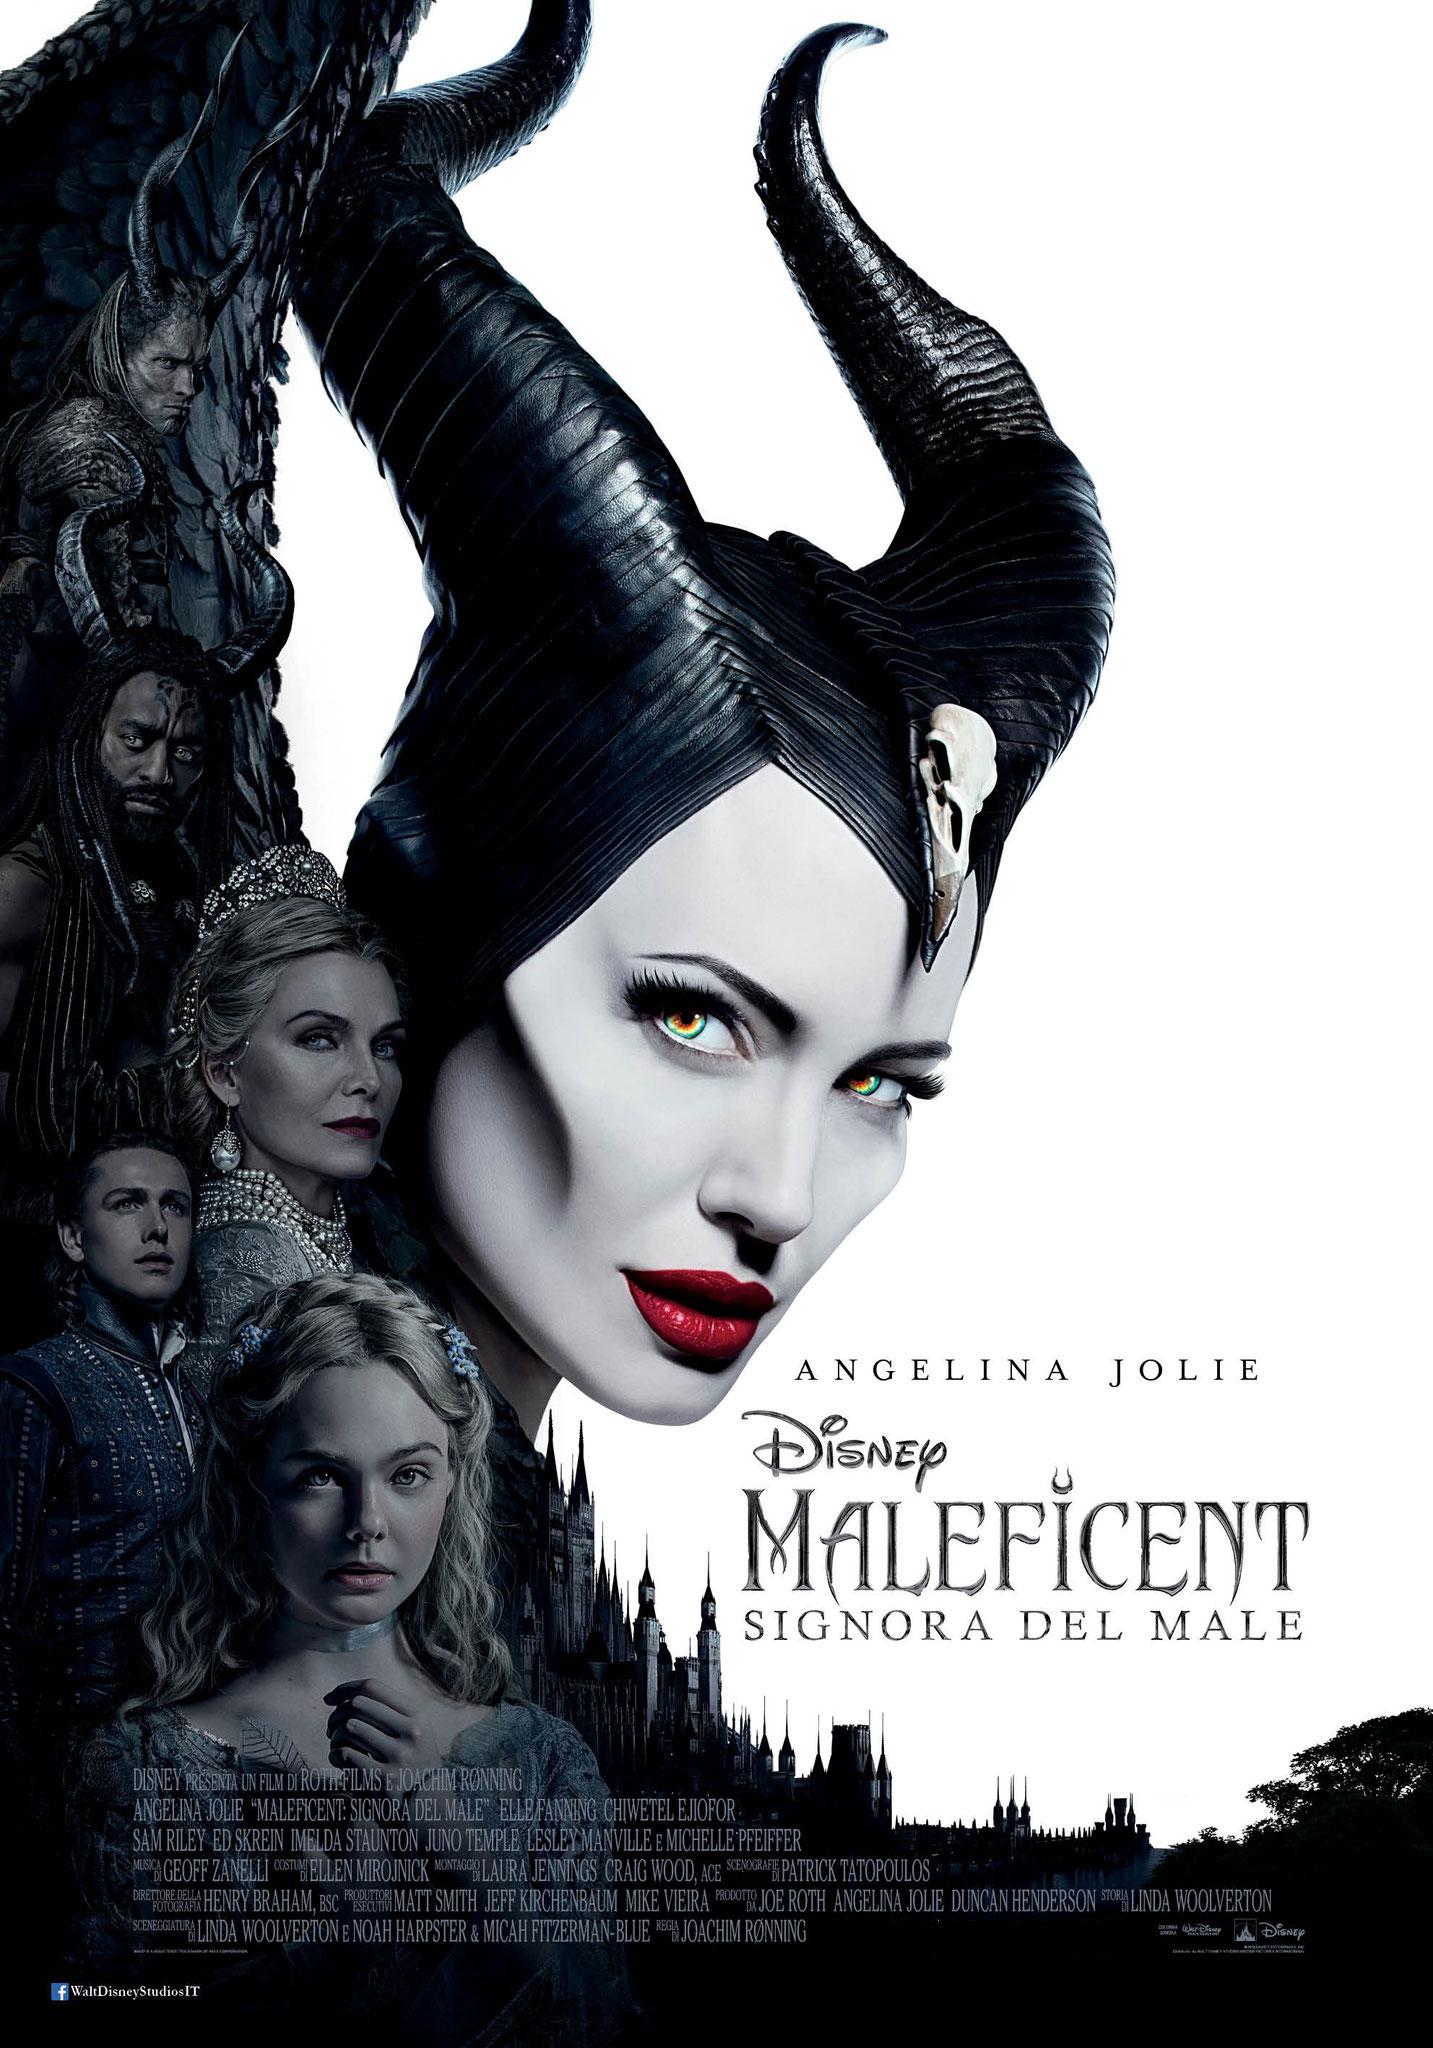 MALEFICENT 2 SIGNORA DEL MALE sabato 26: ore 16:30 – 18:30  domenica 27: ore 16:30 sabato 2: ore 18:30  domenica 3: ore 16:30 – 18:30 #Maleficent